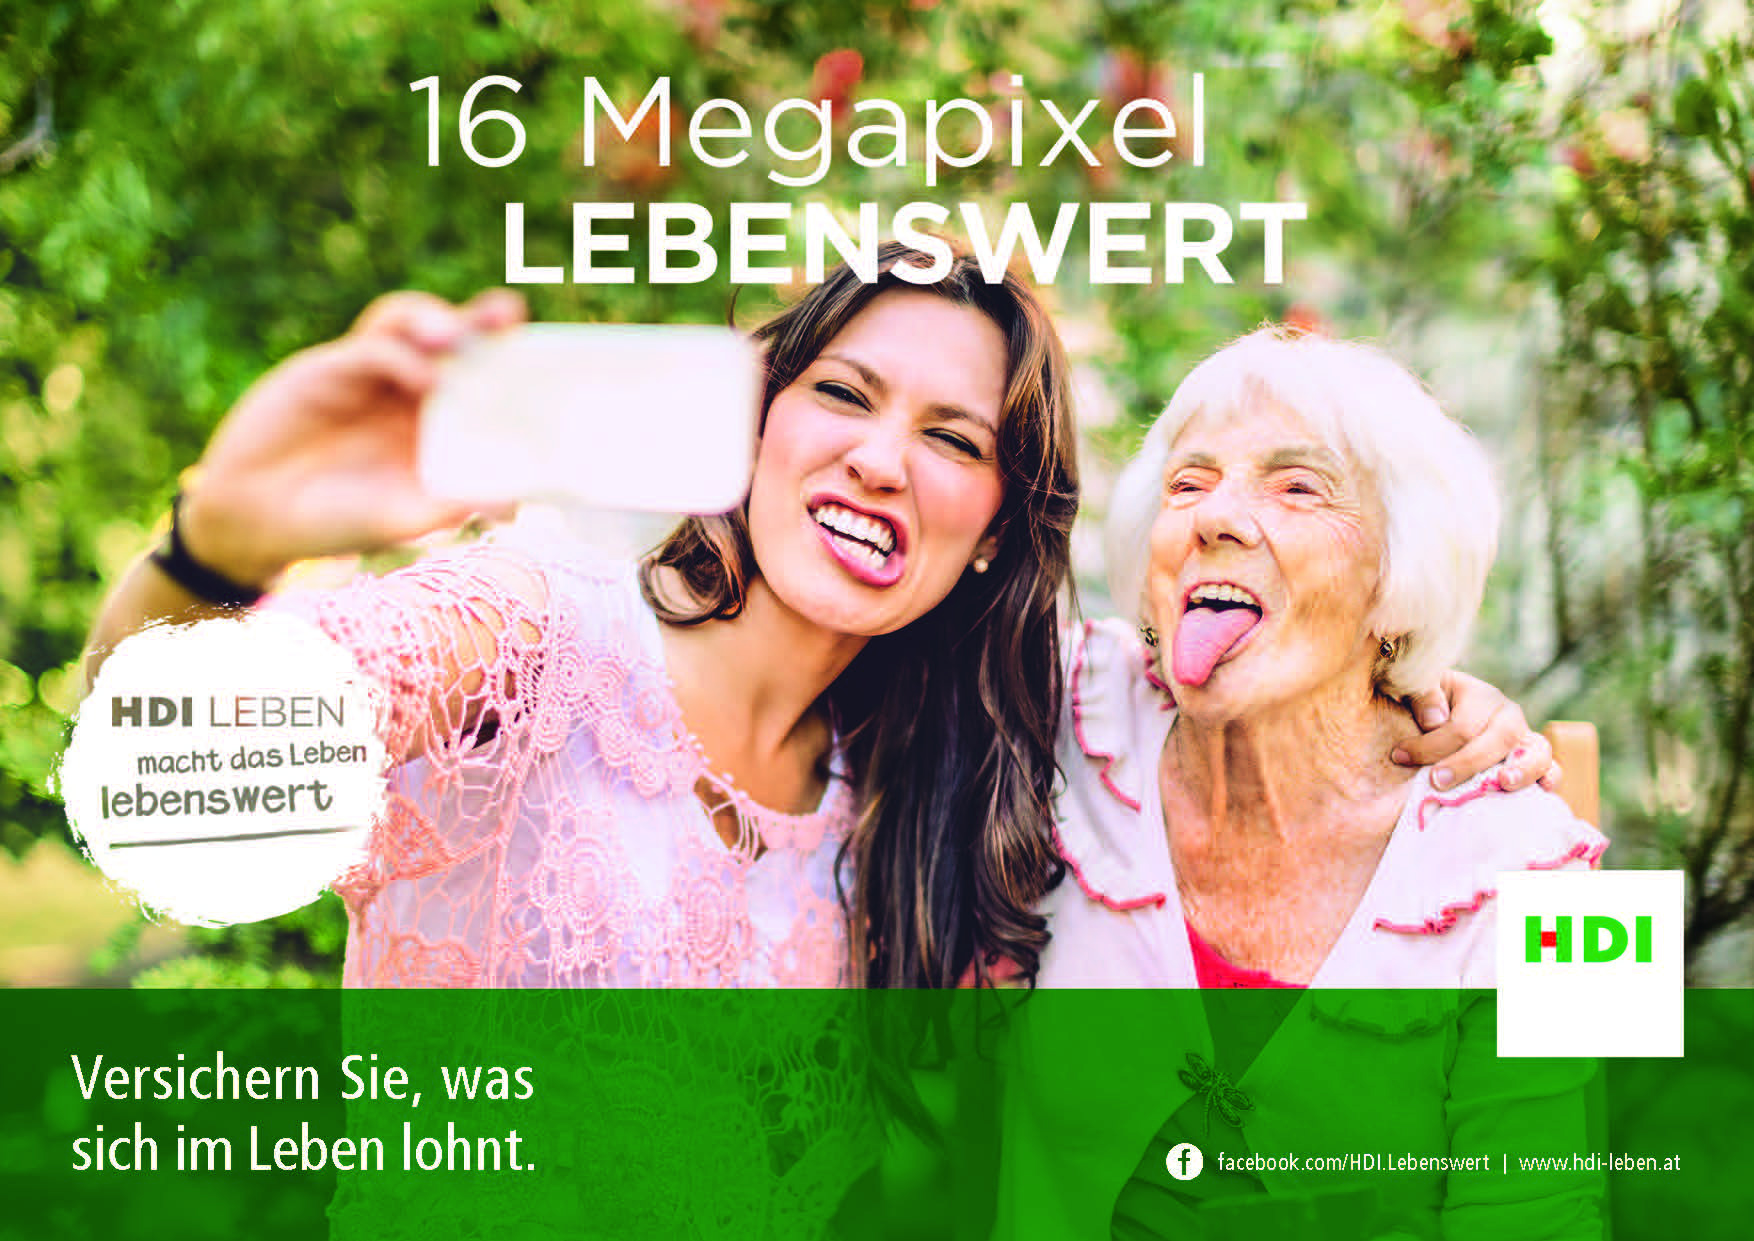 16 Megapixel LEBENSWERT